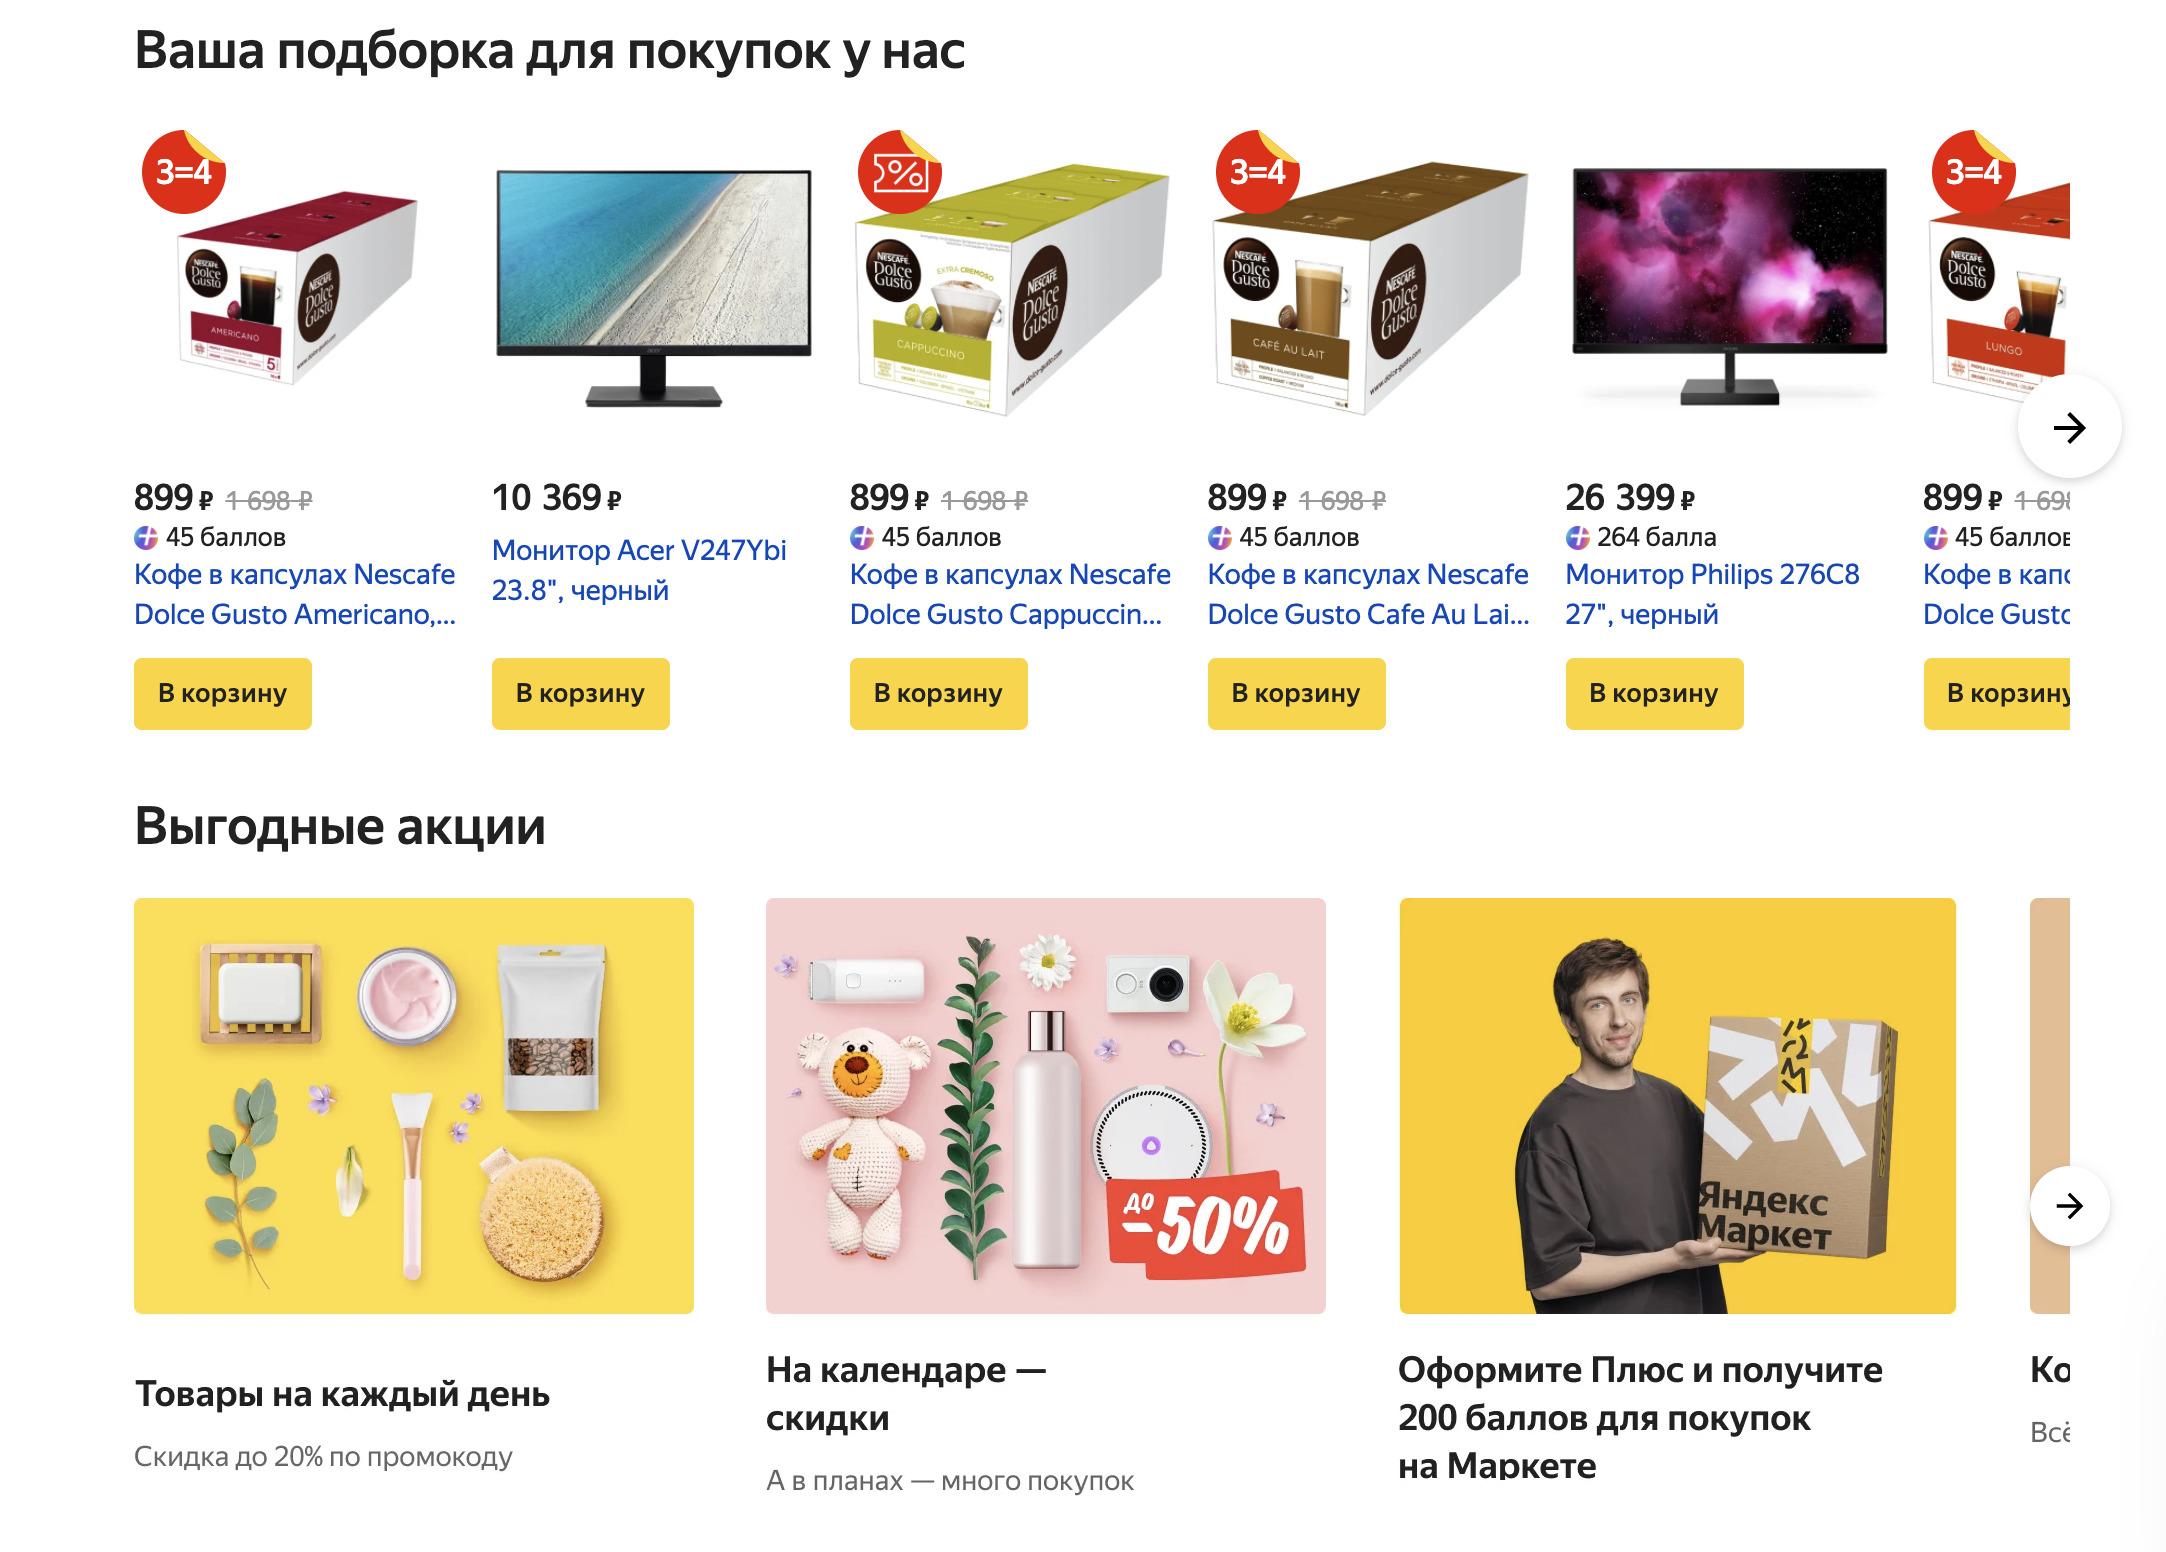 Доставка из Яндекс.Маркет в Махачкала, сроки, пункты выдачи, каталог